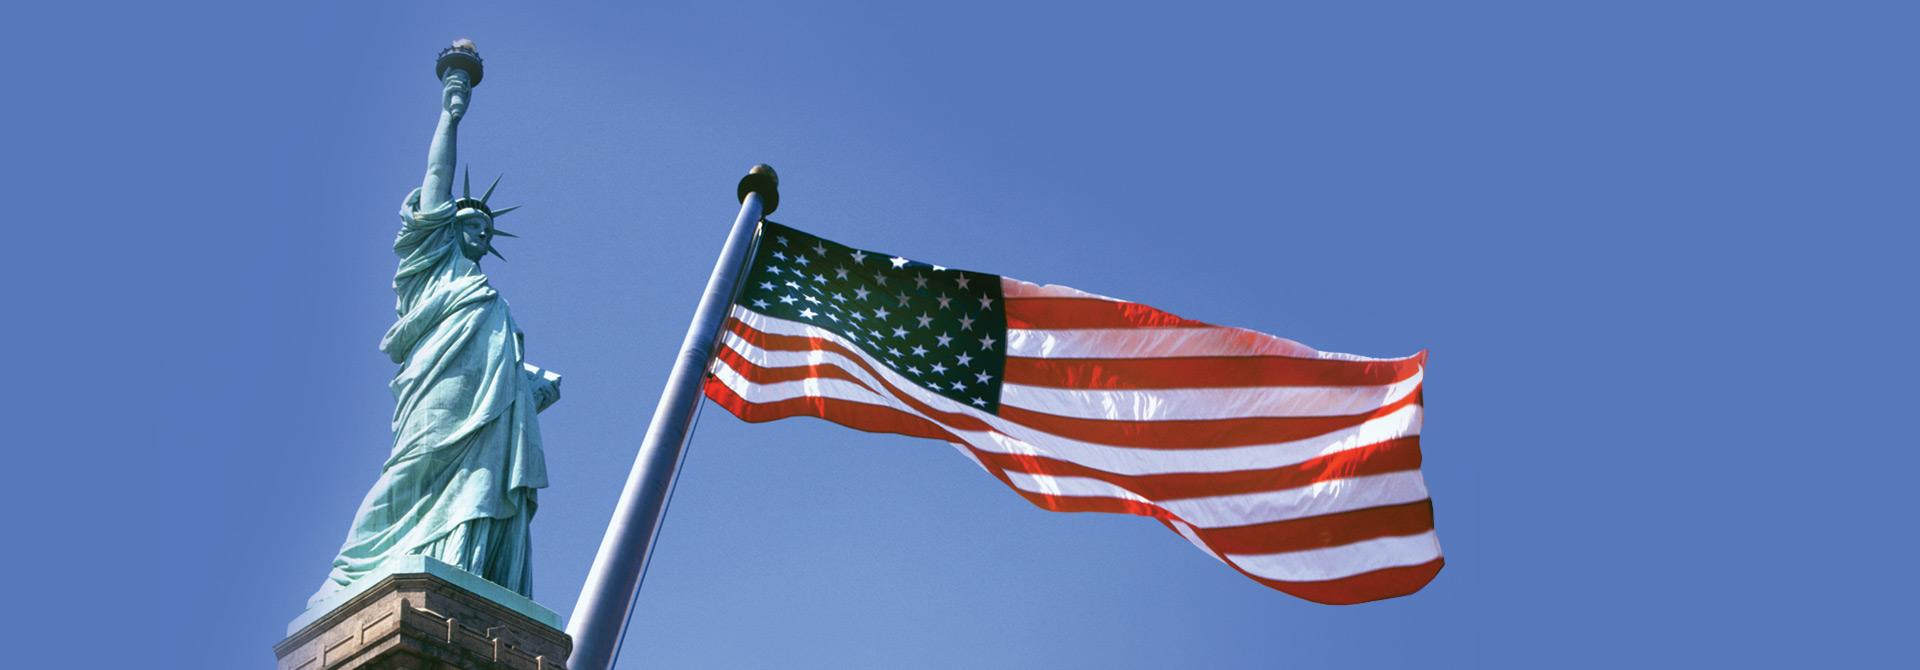 Pourquoi voyager aux Etats-Unis ?